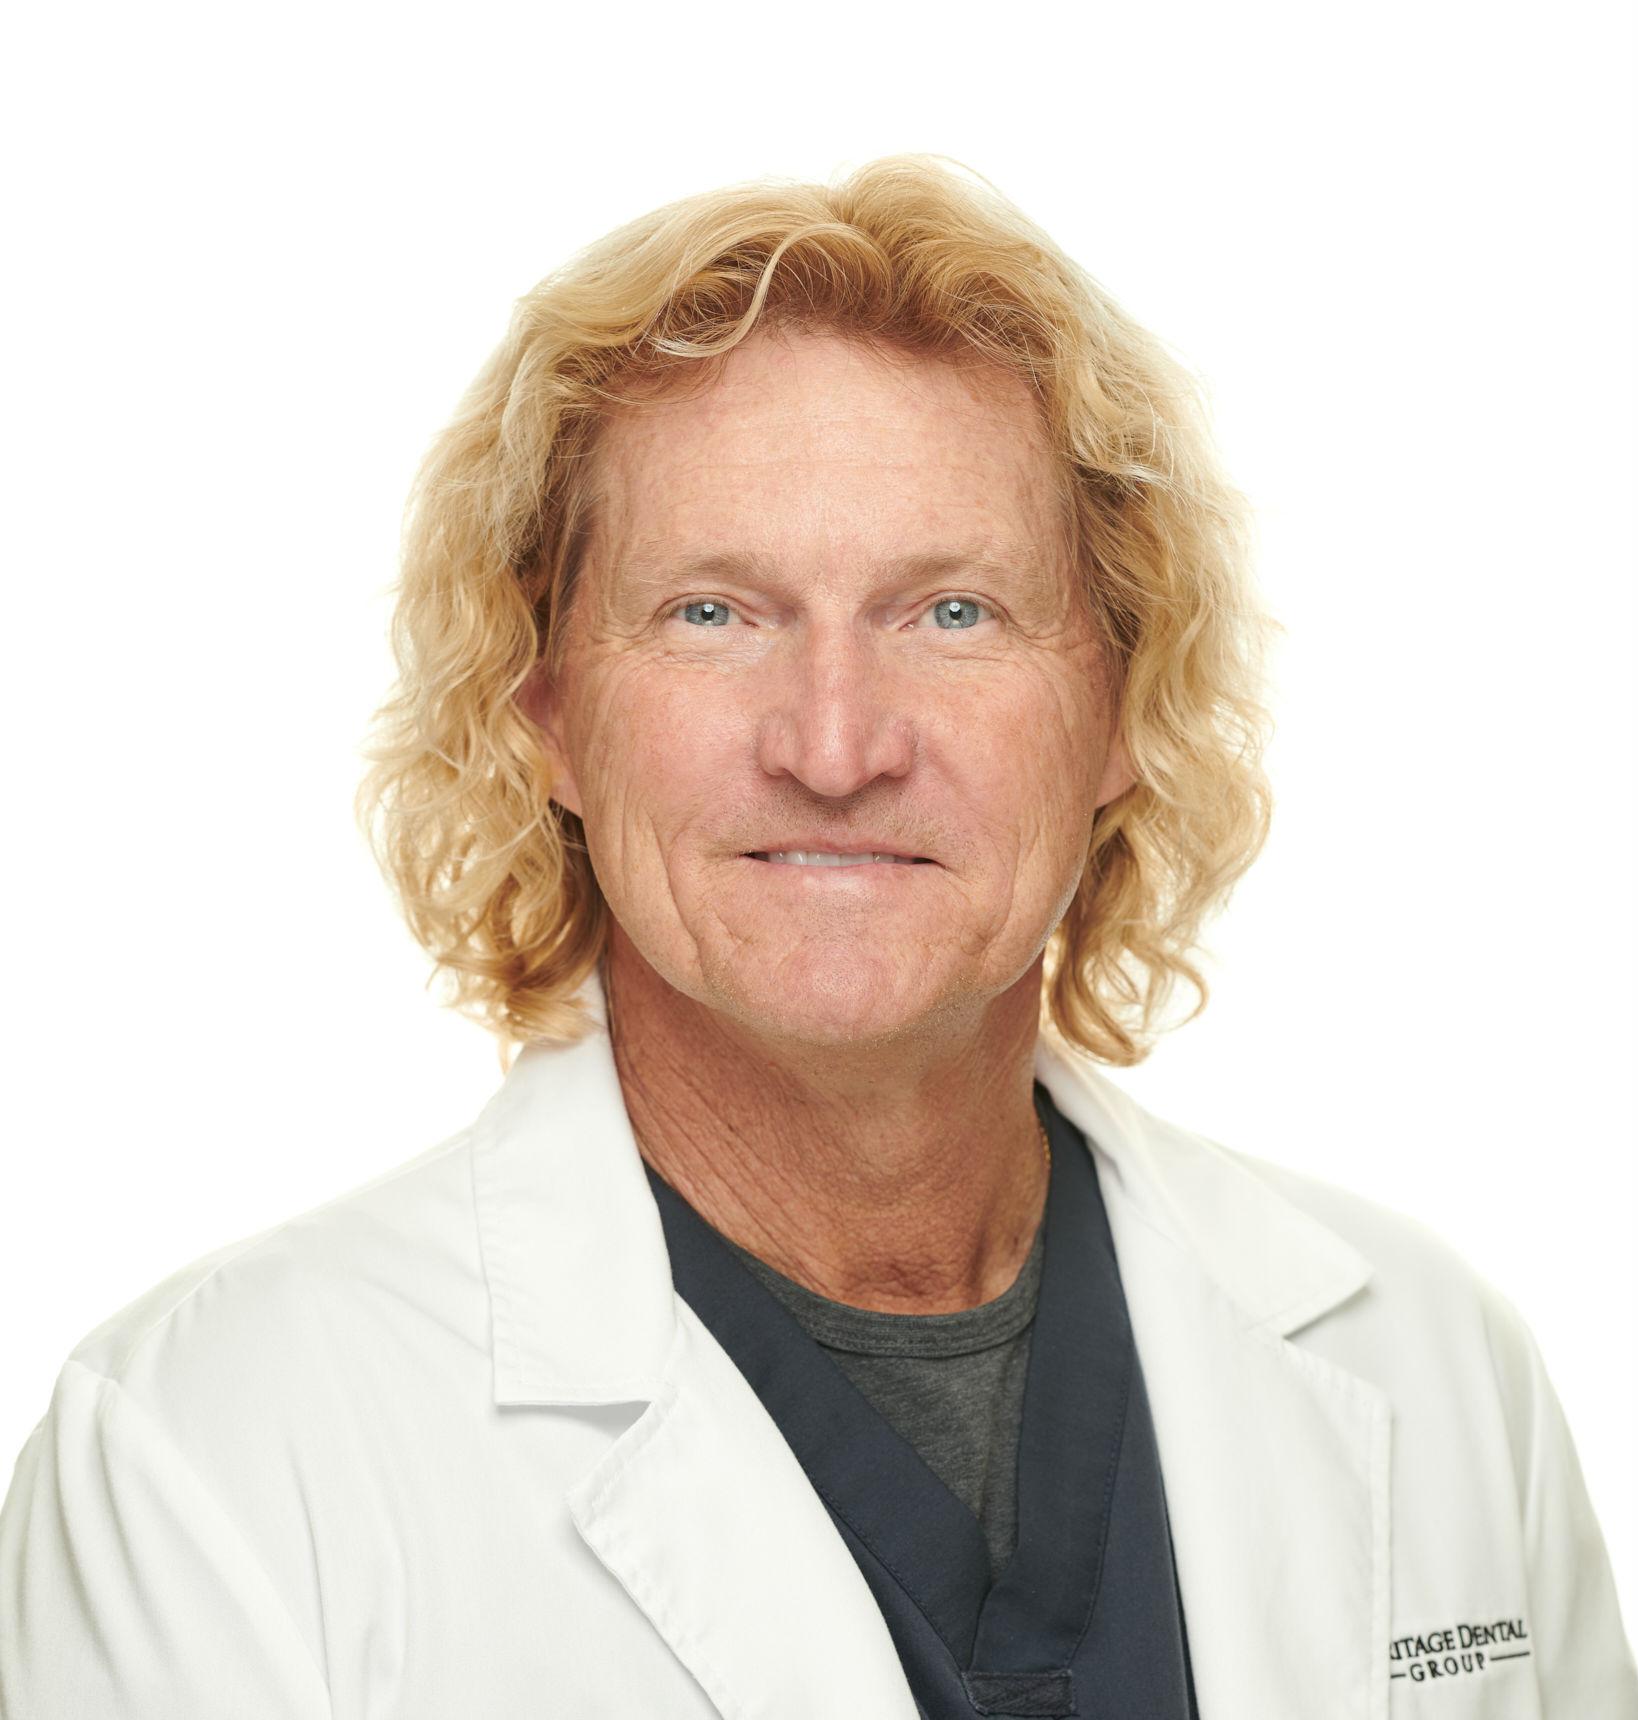 Dr. Lewis H. Stephenson